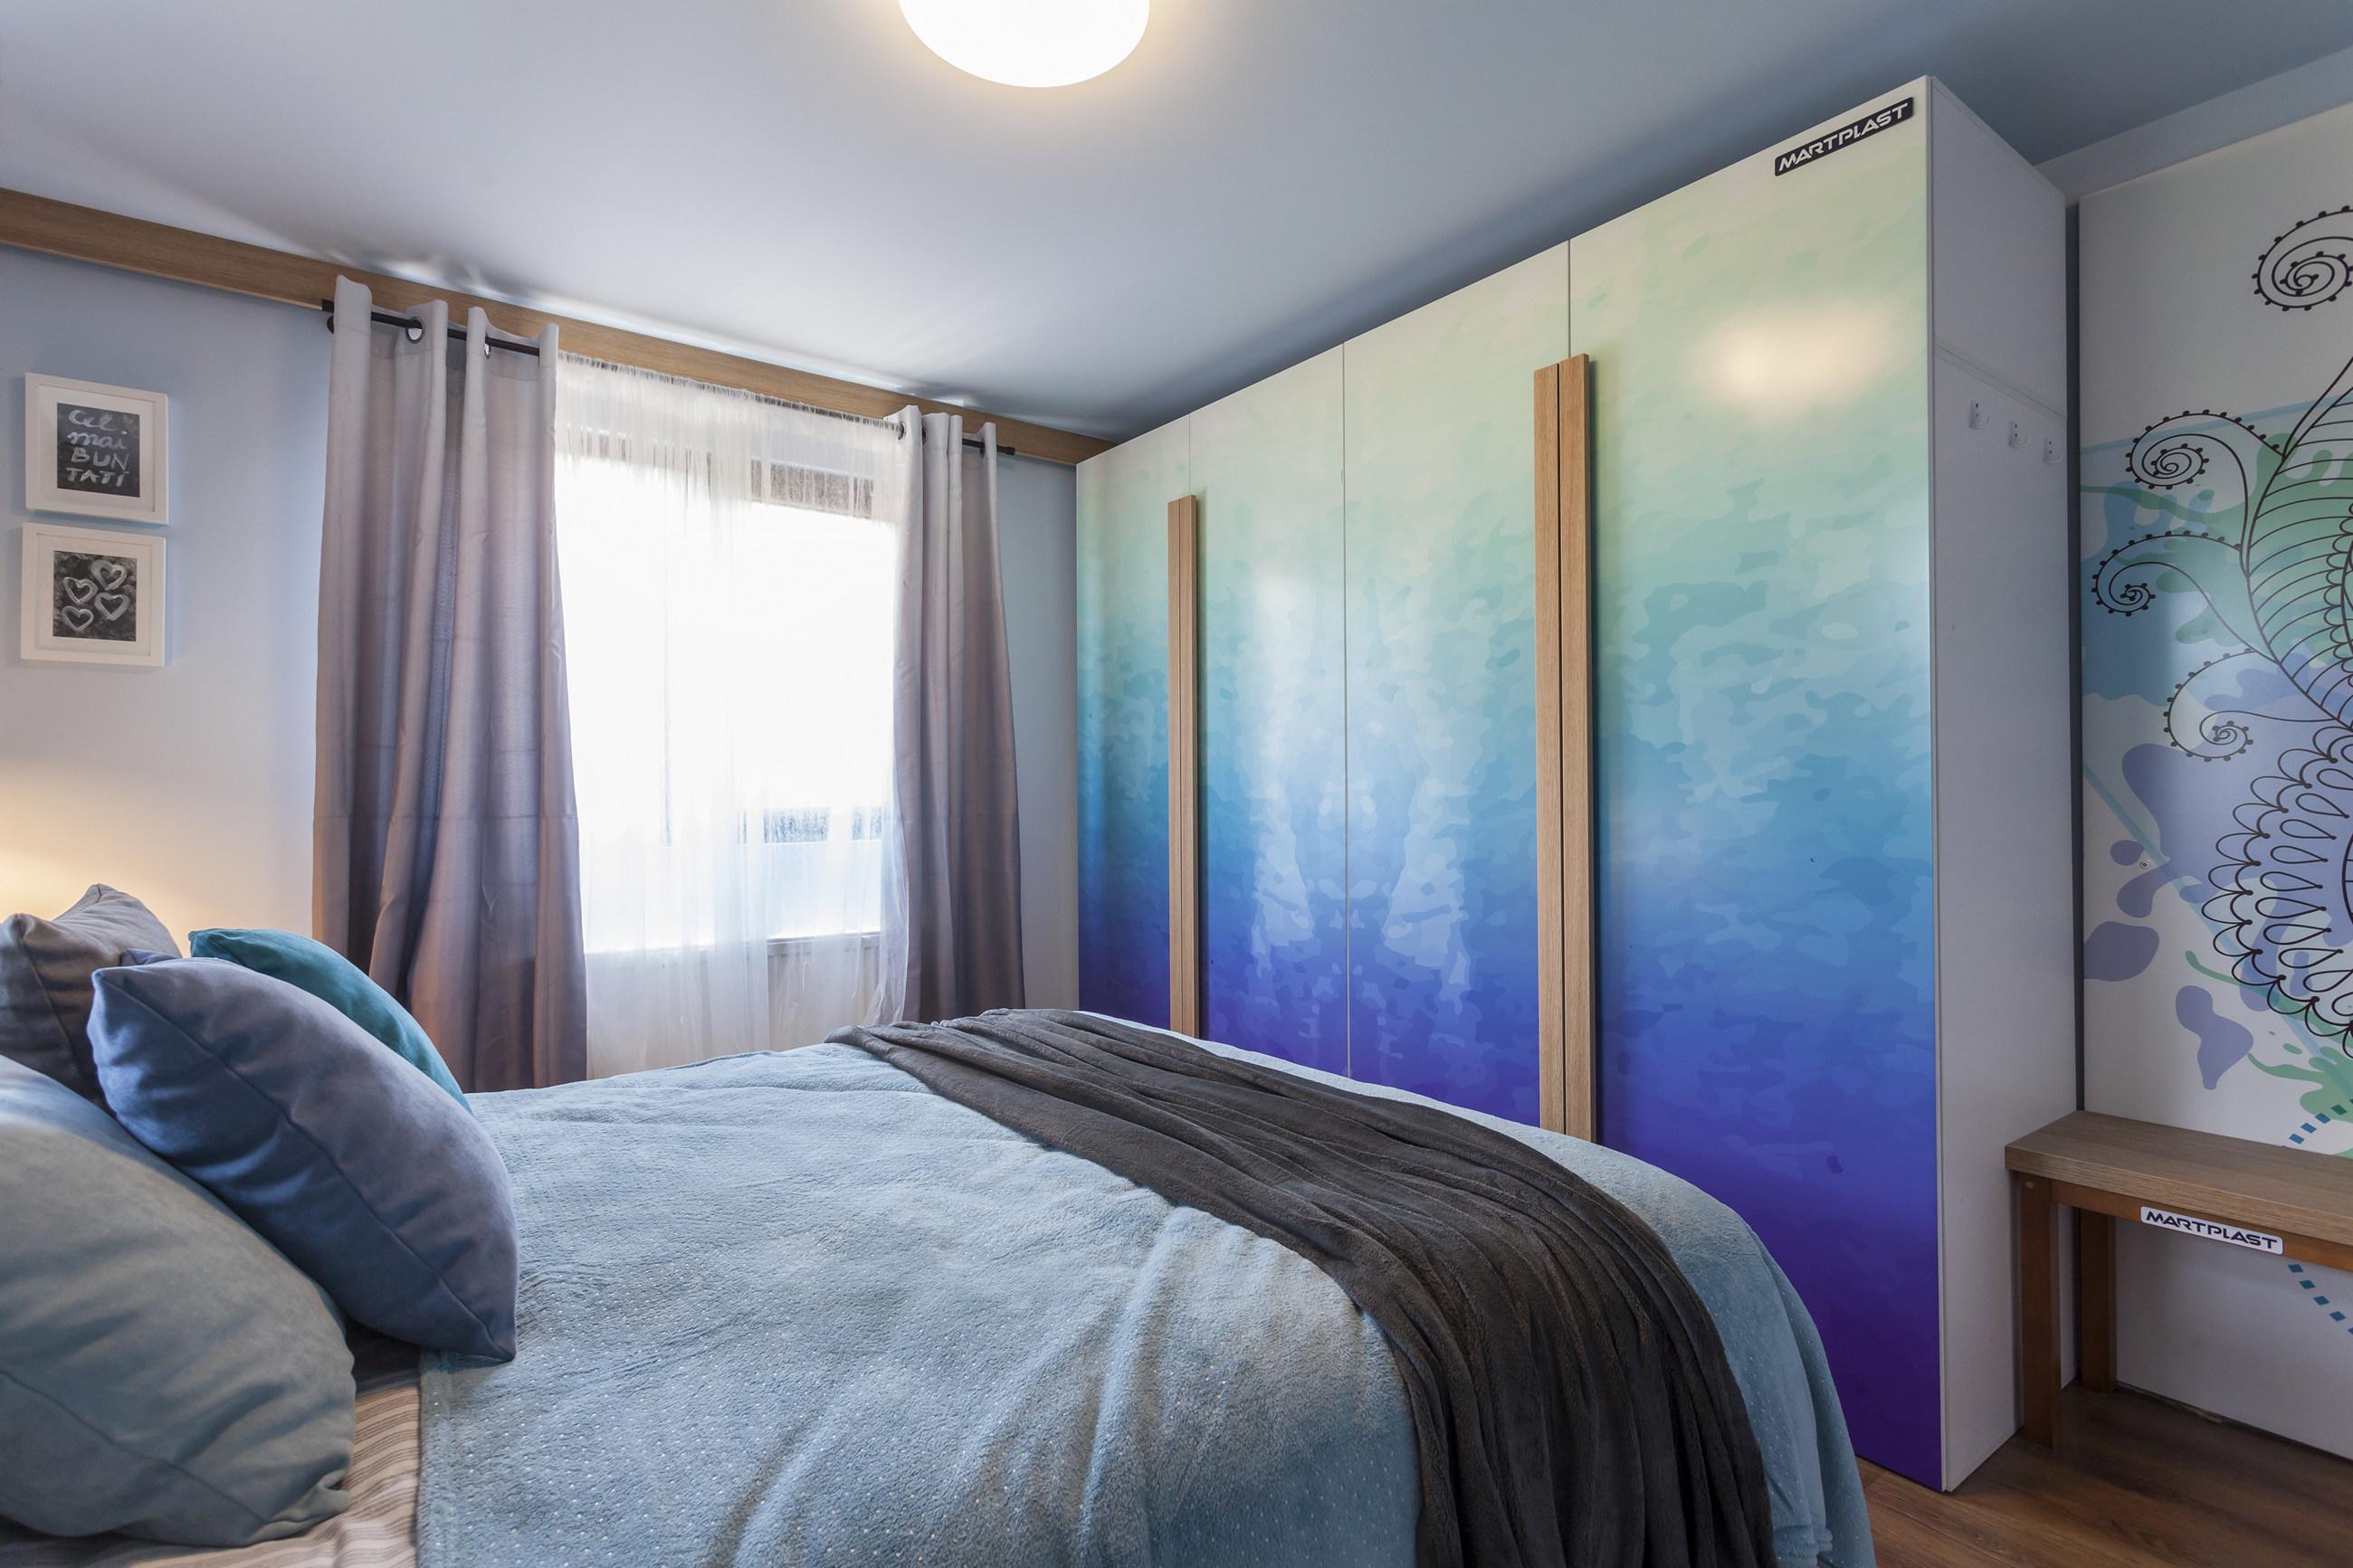 Dormitorul după renovare are pe locul fostei uși un dulap generos.